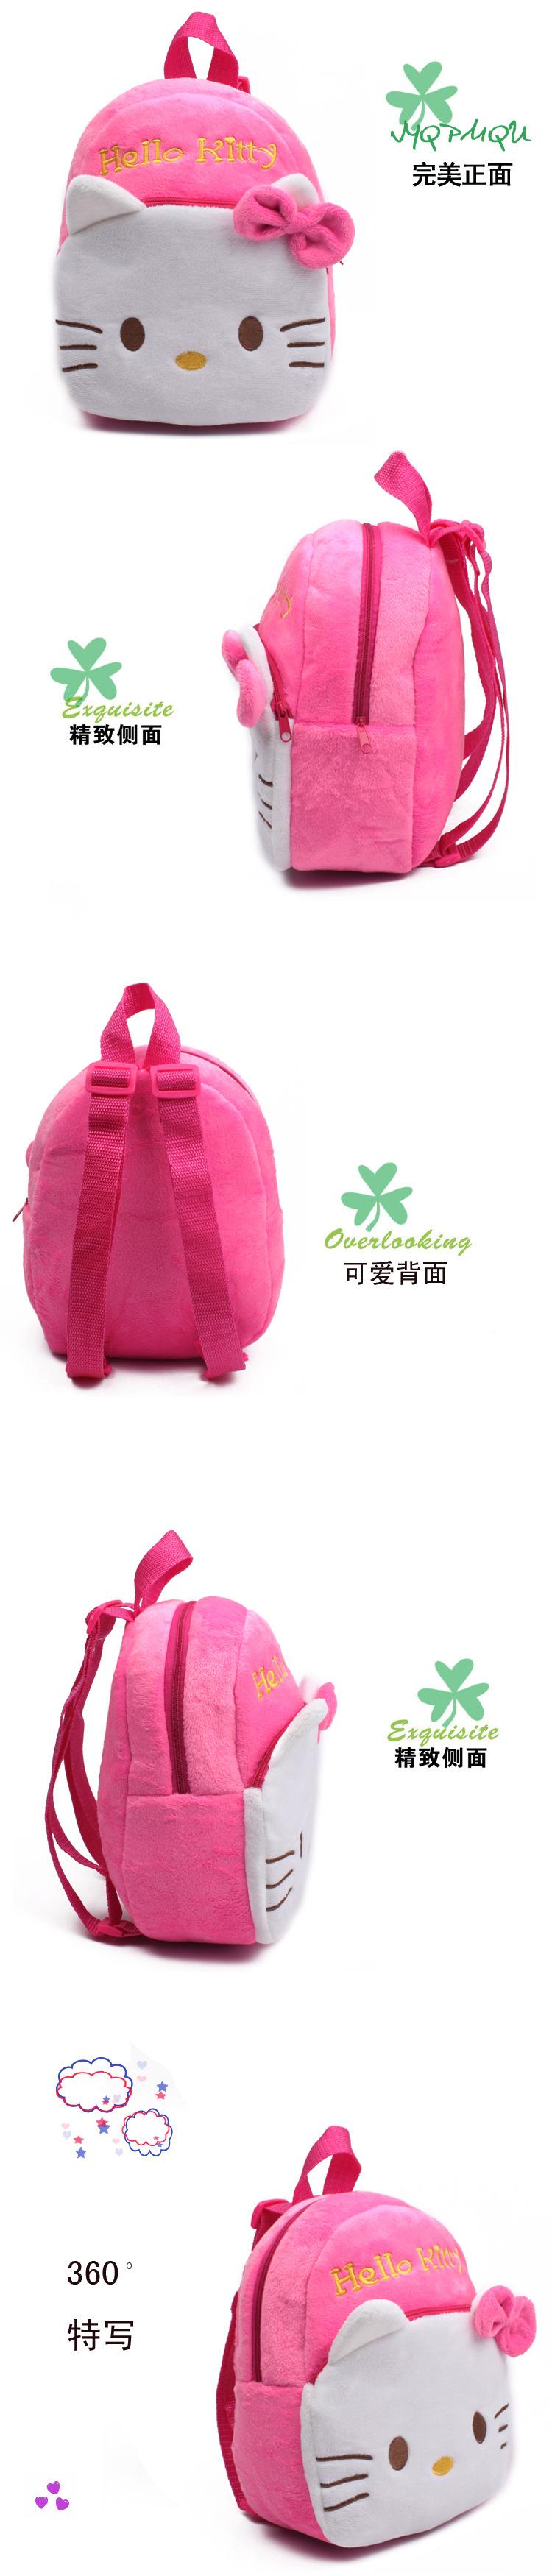 2016 новая горячая торгово-бесплатная детские рюкзаки, Привет китти сумка и минни рюкзак и паук детские игрушки рюкзак и детский мультфильм мешок